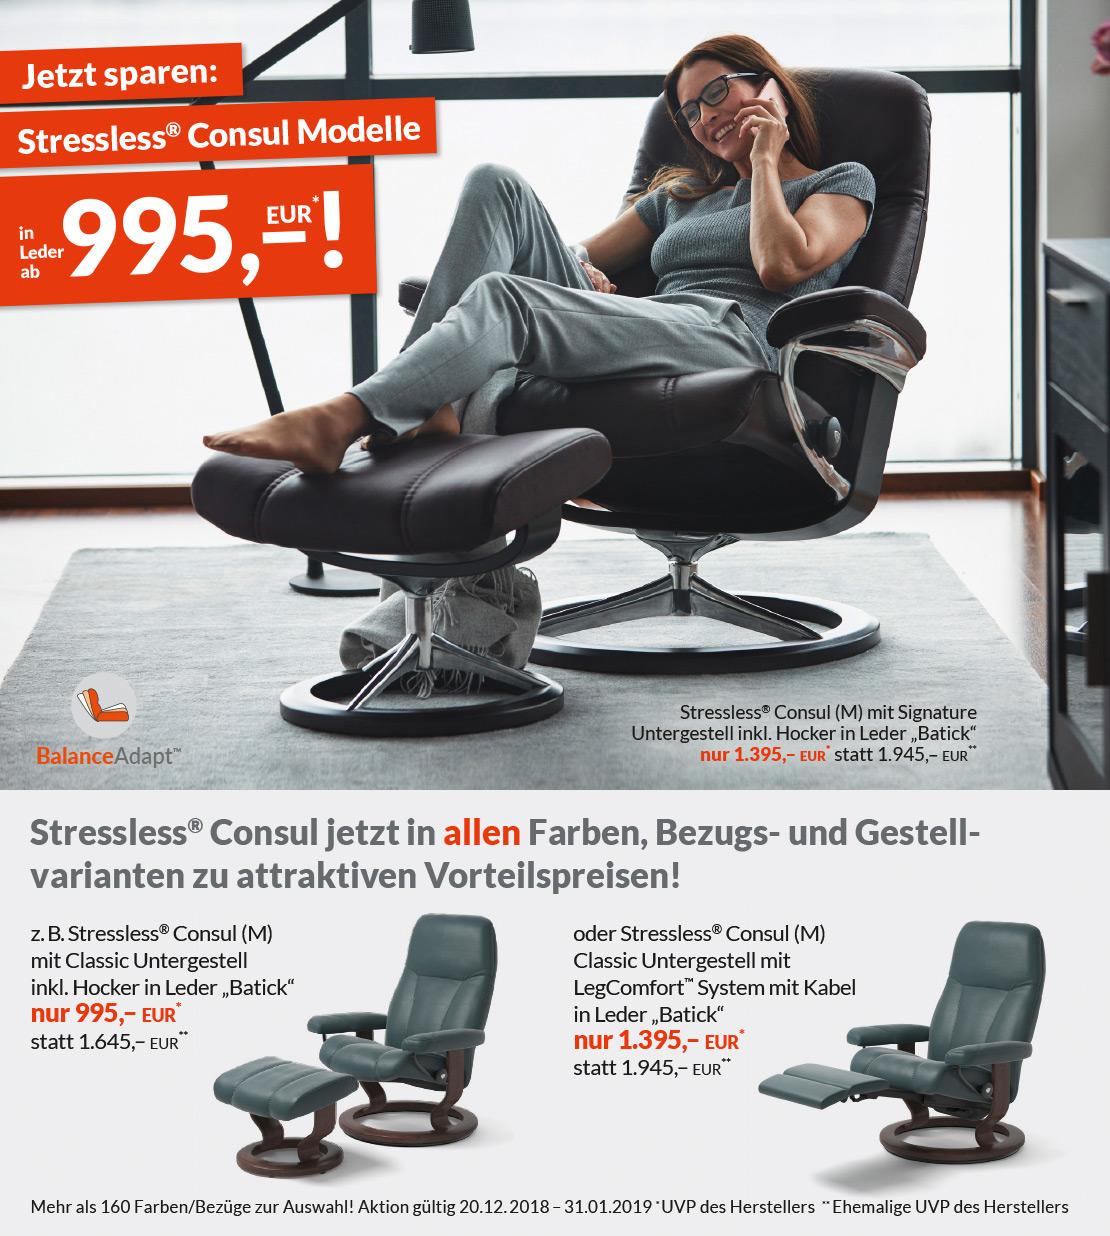 Stressless® Consul Modelle inklusive Hocker - in Leder und verschiedenen Farben